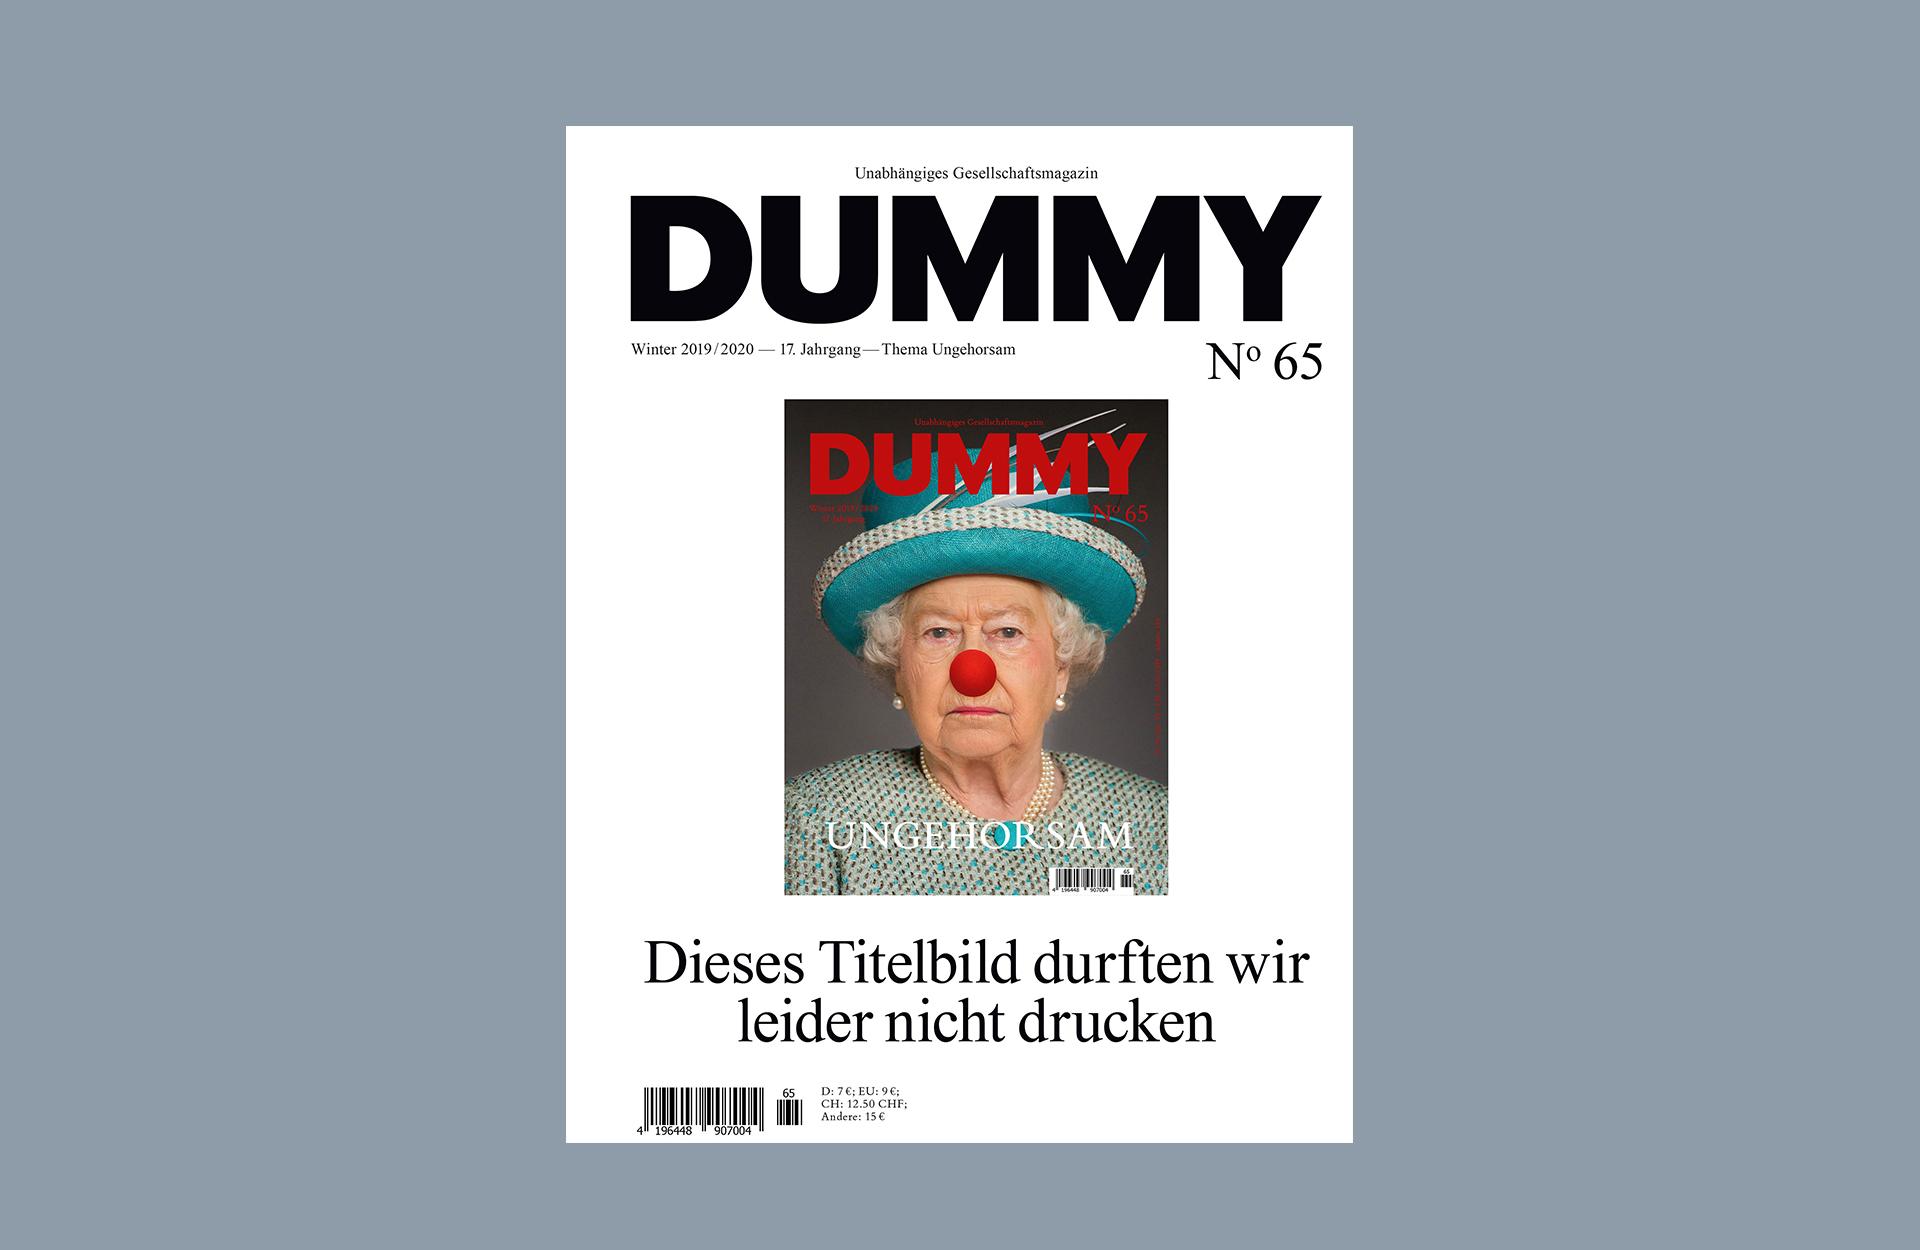 dummy_65_ungehorsam